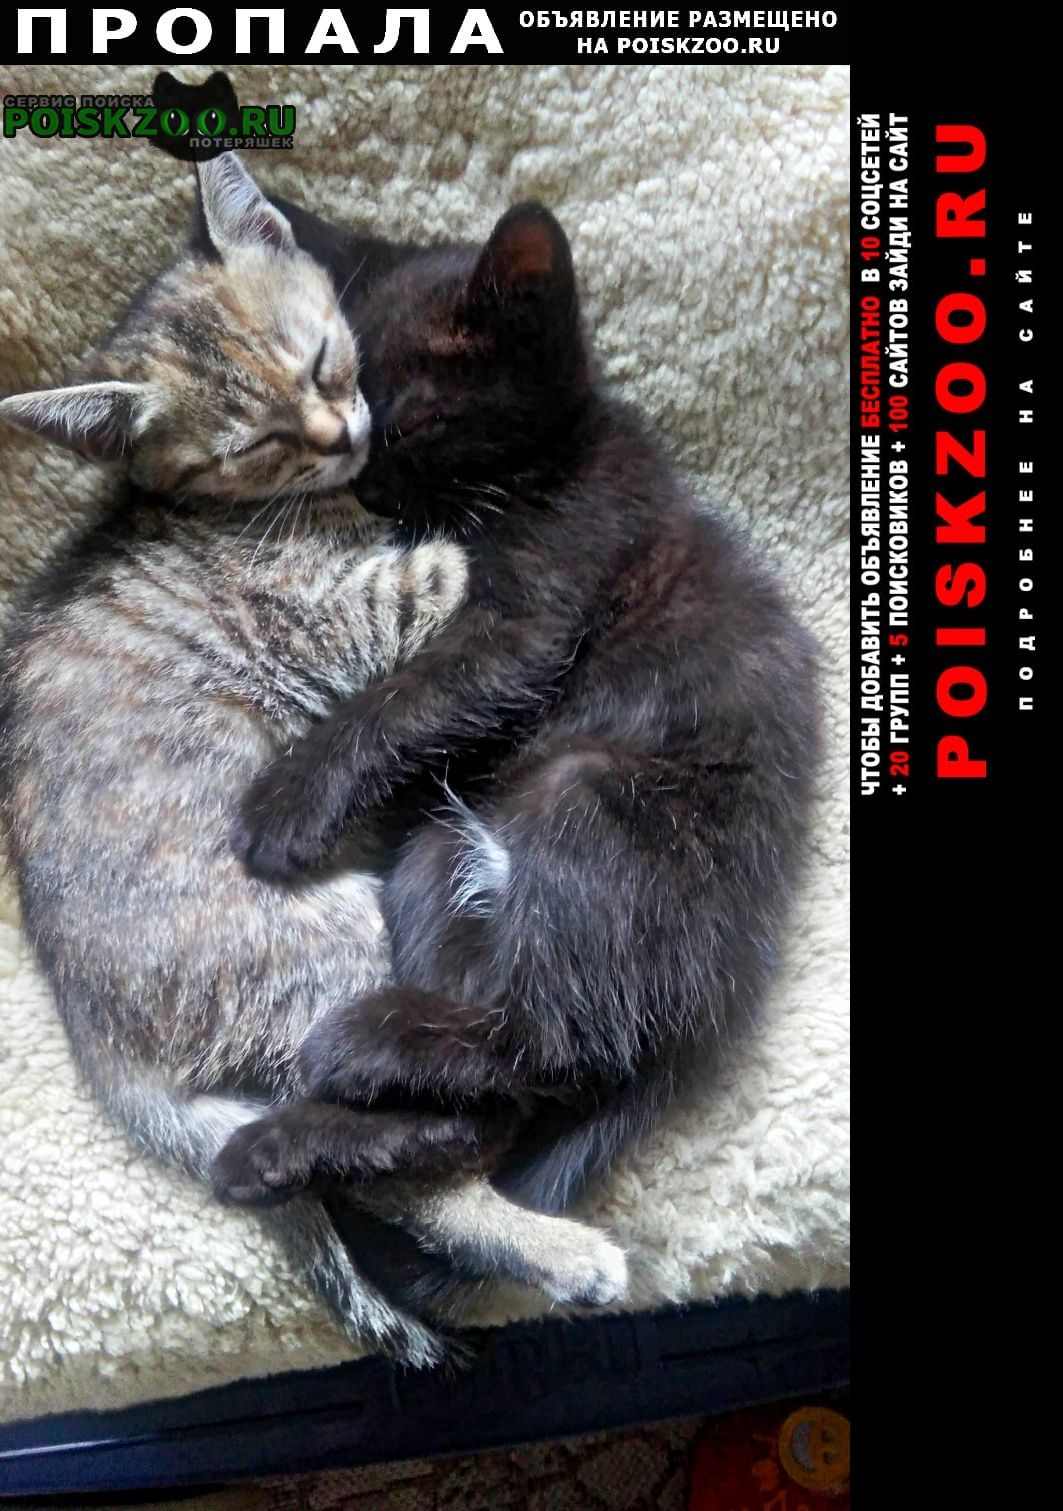 Пропала кошка, район детской больницы Феодосия